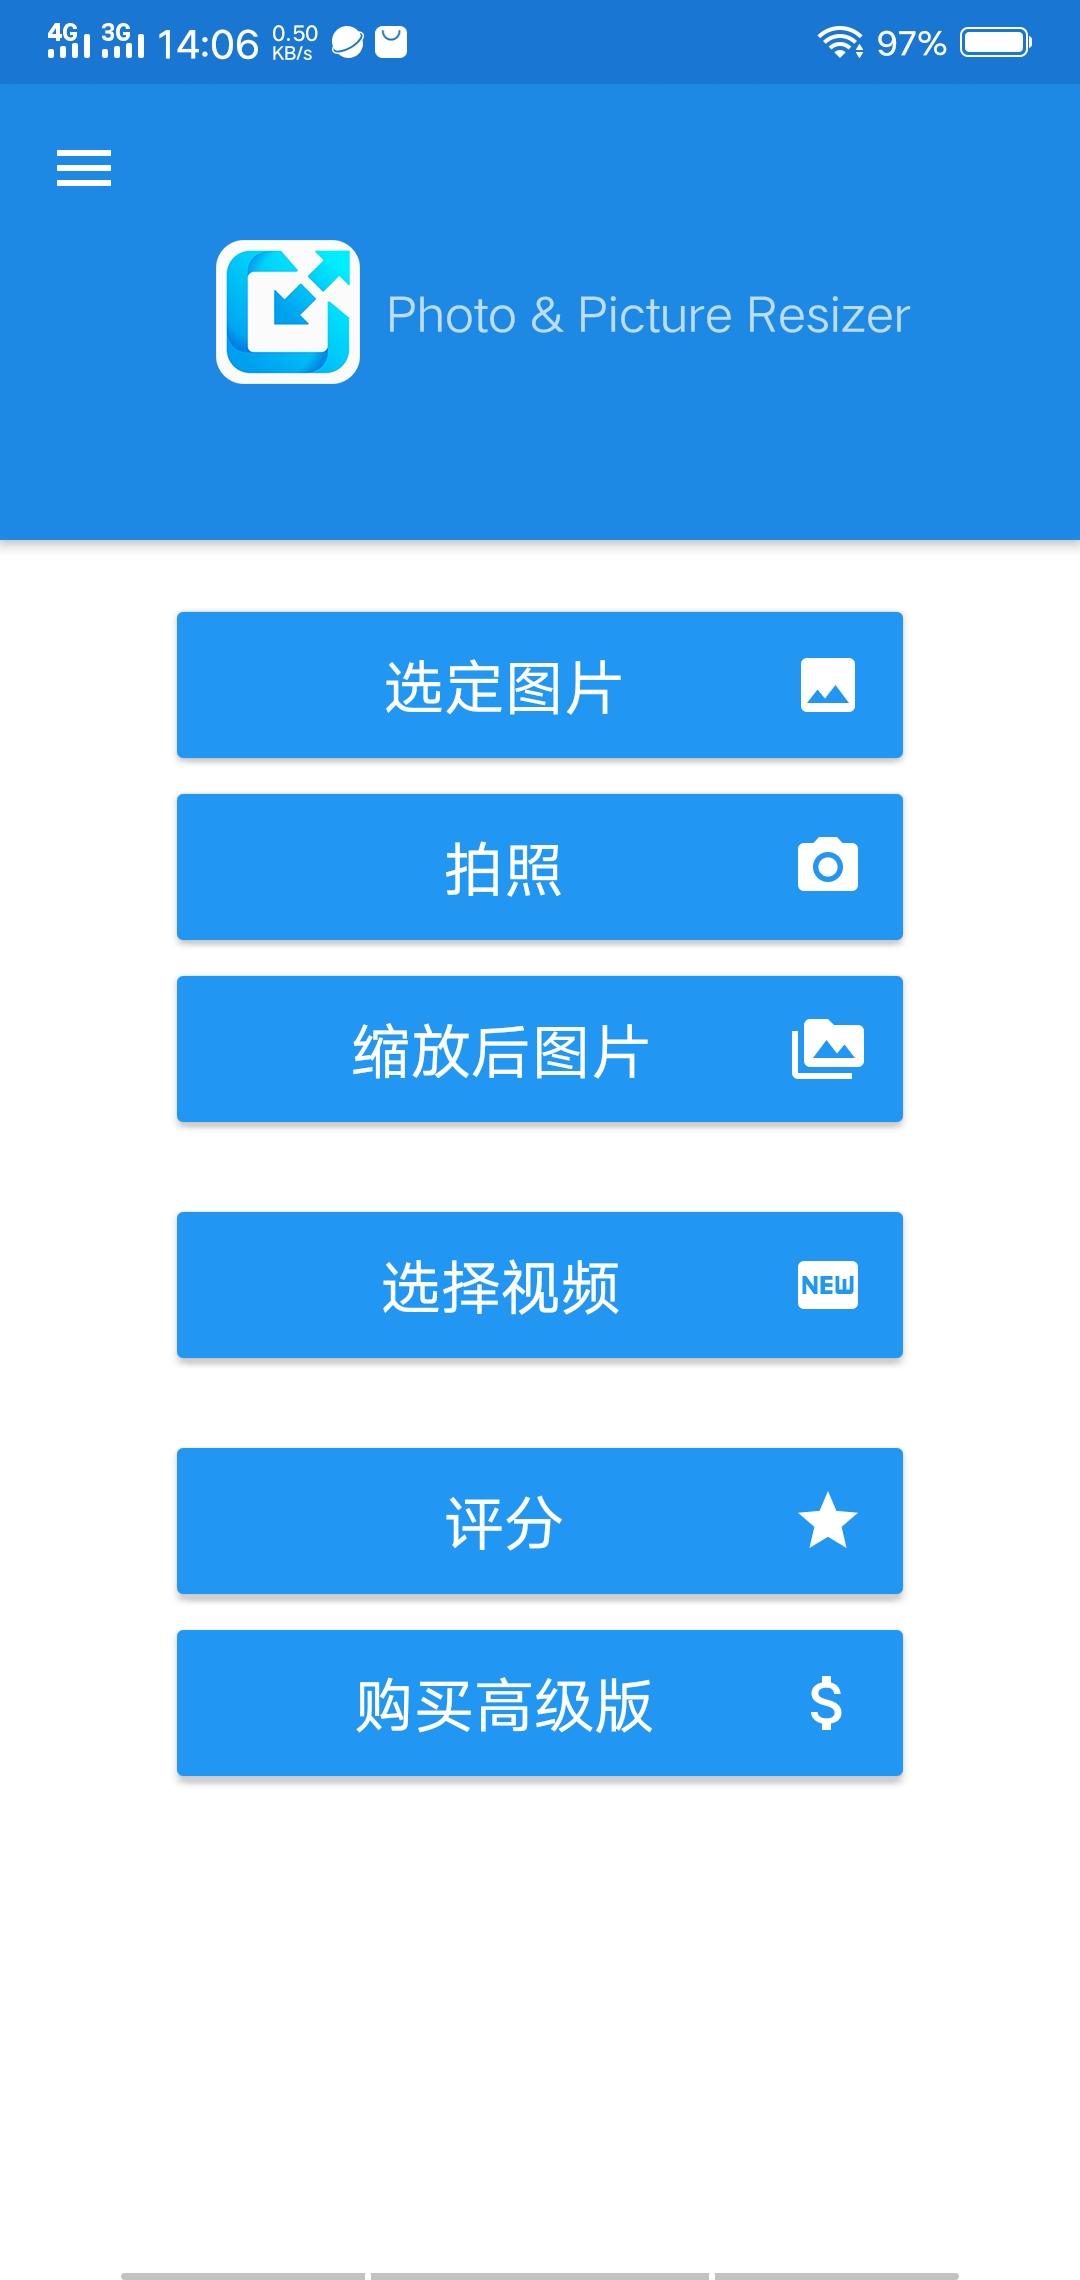 Screenshot_20190328_140602.jpg